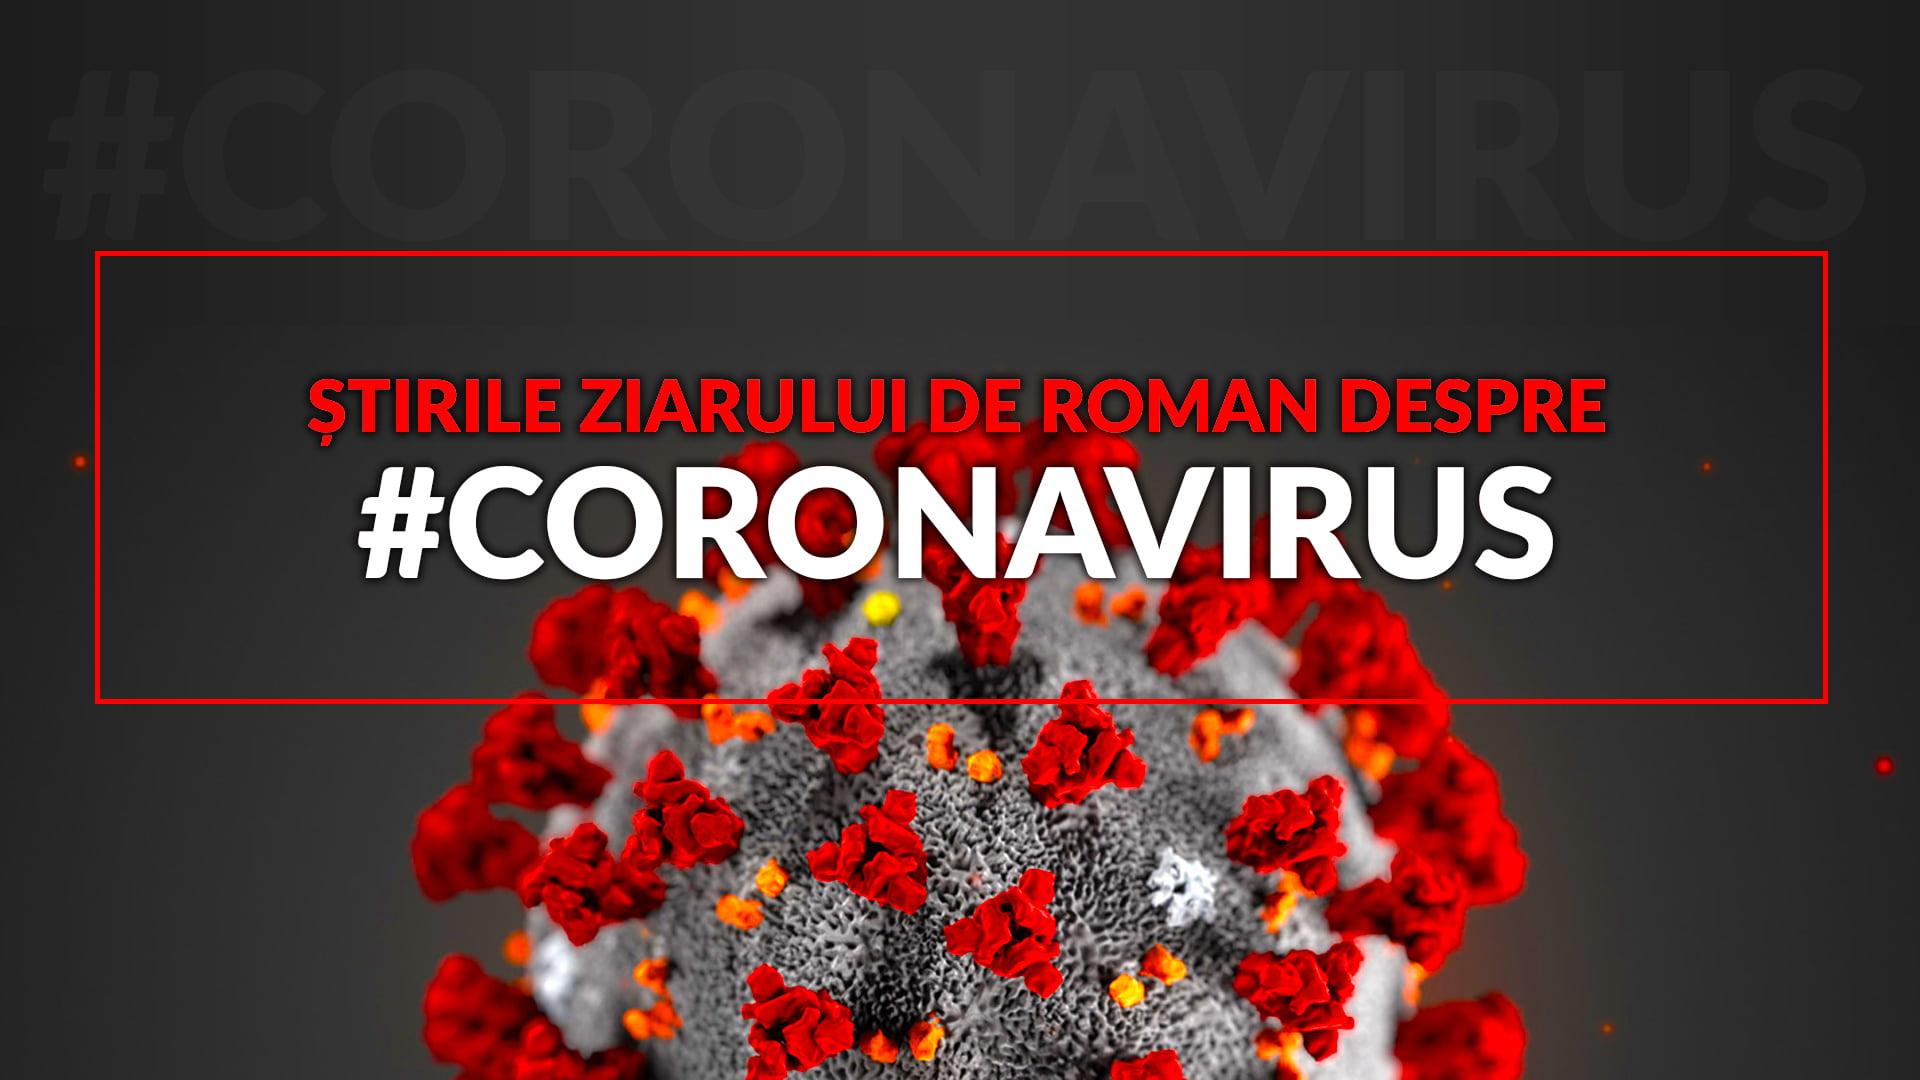 ȘTIRILE ZIARULUI DE ROMAN DESPRE #CORONAVIRUS